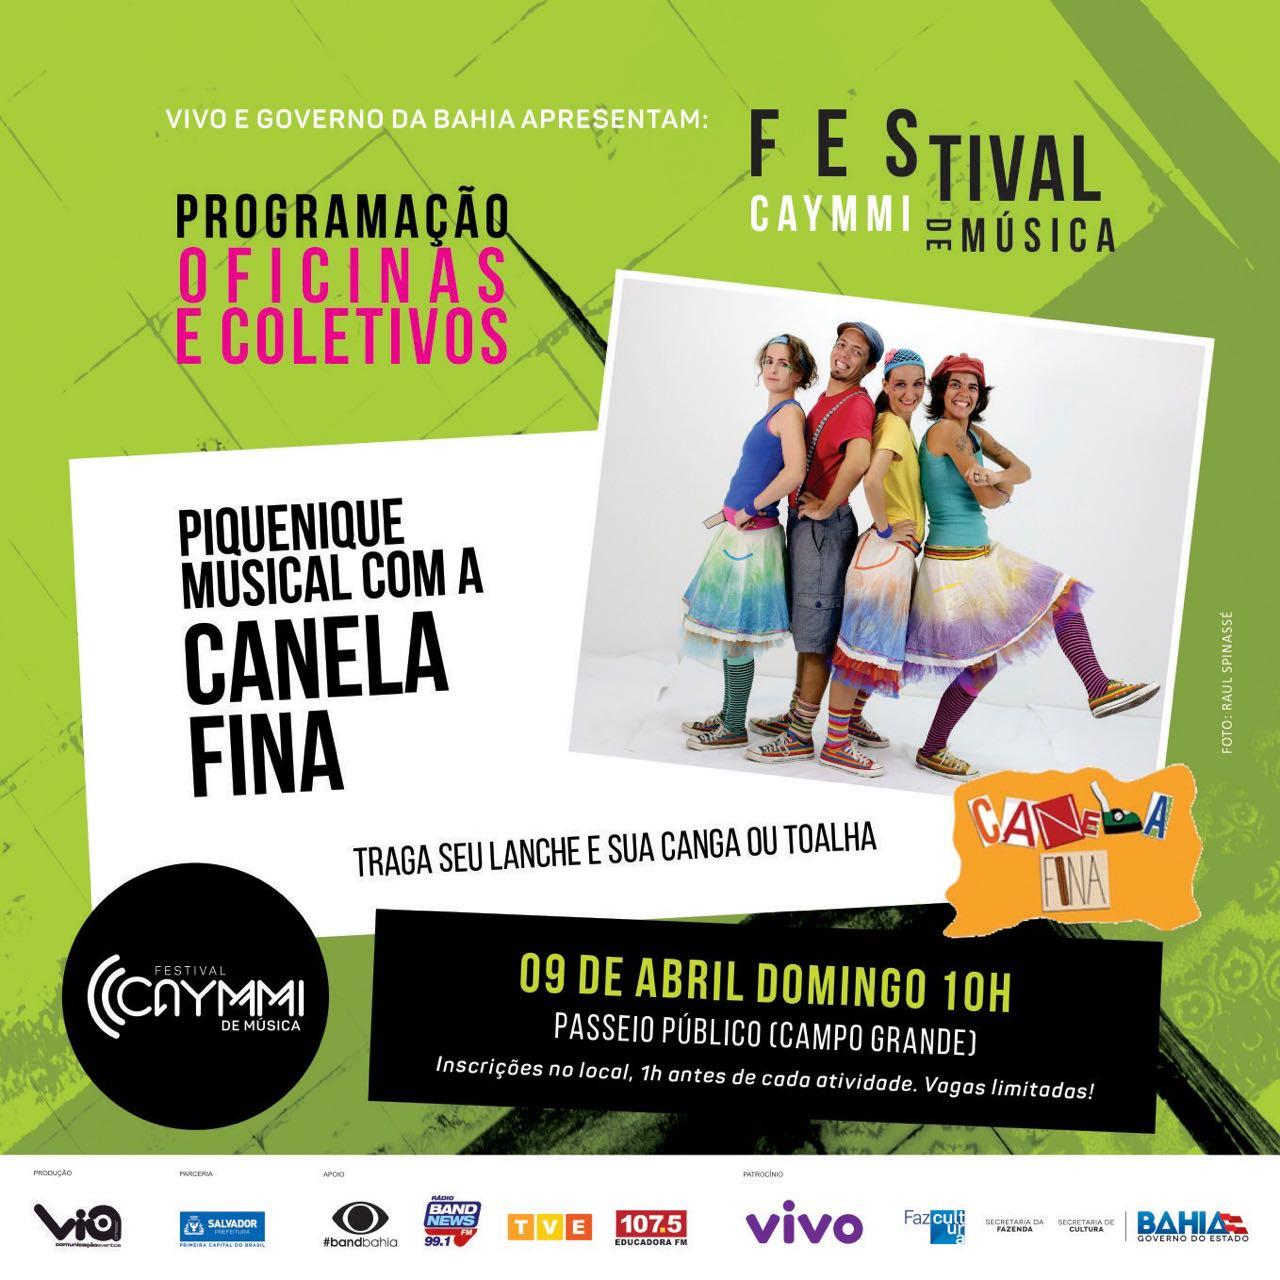 Canela piquenique festival caymmi